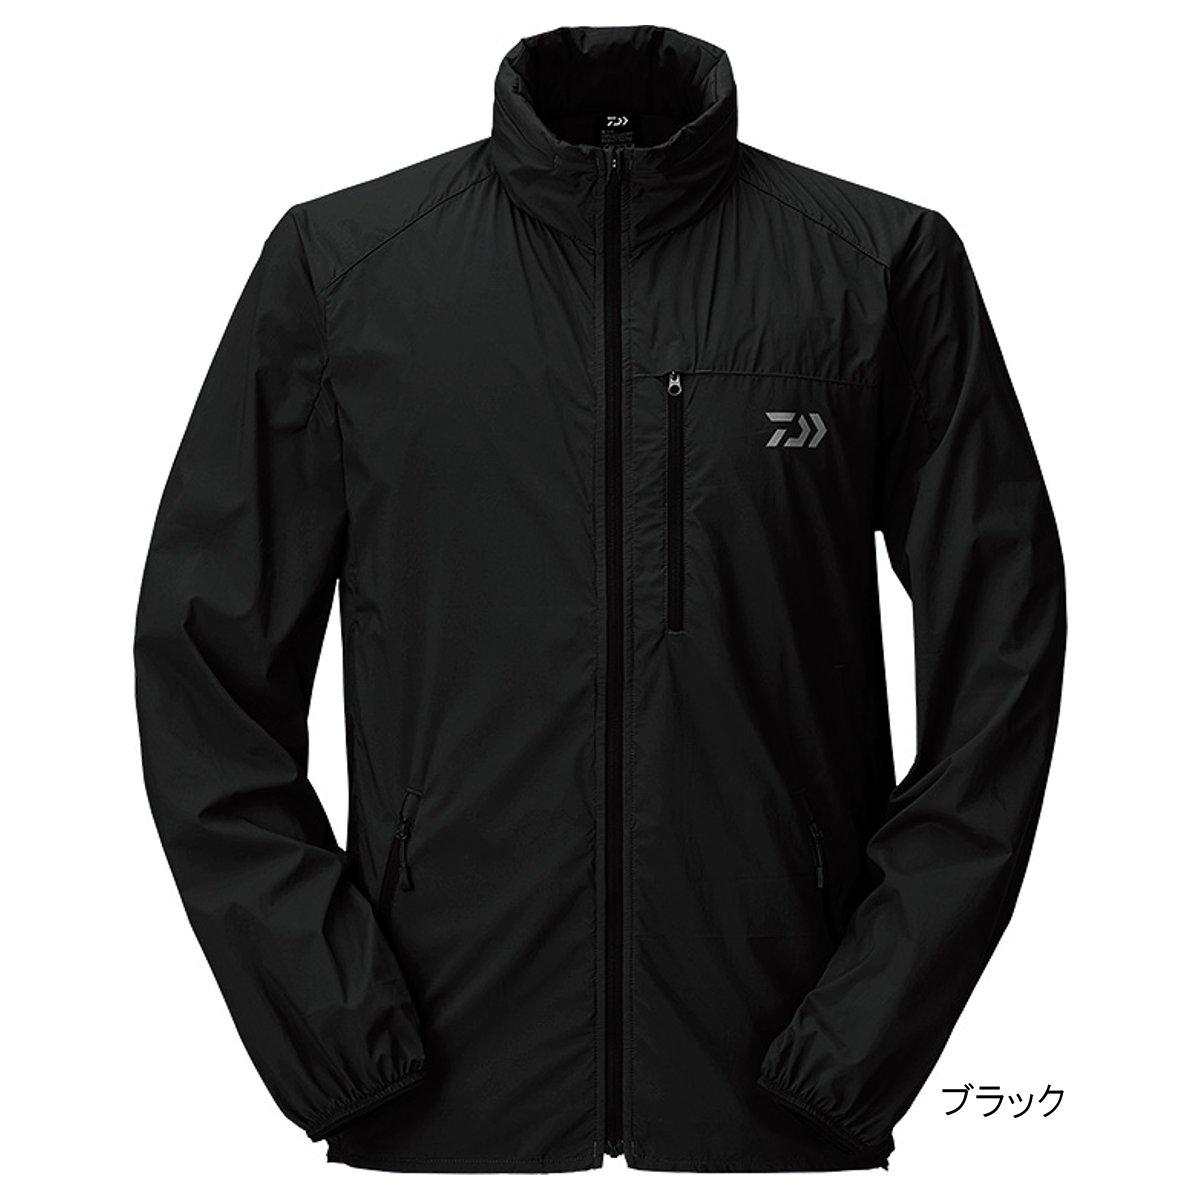 ダイワ ポケッタブルウィンドジャケット DJ-33009 XL ブラック(東日本店)